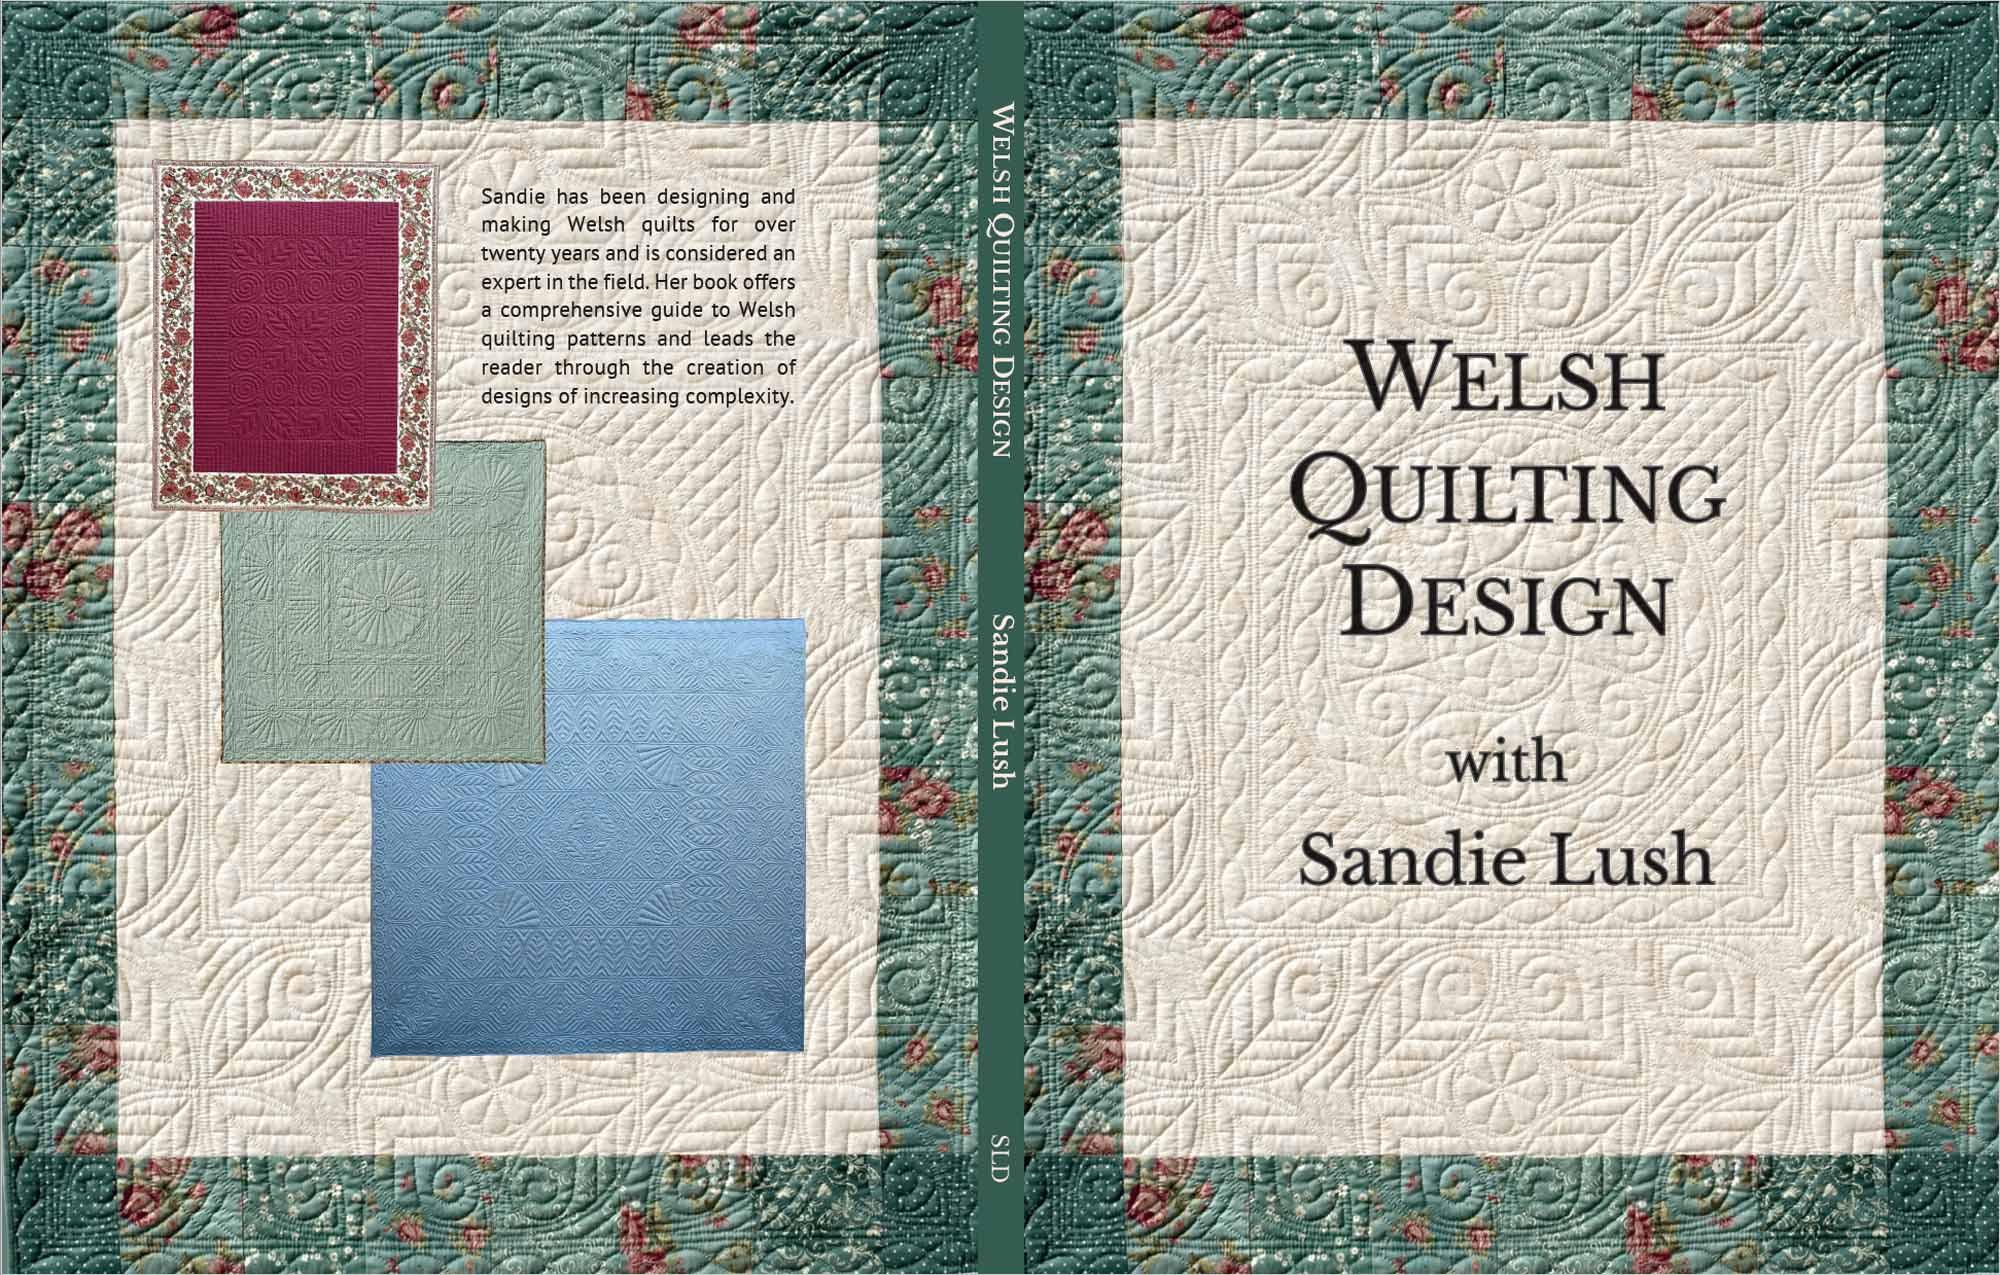 Sandie Lush - Welsh Quilting Design